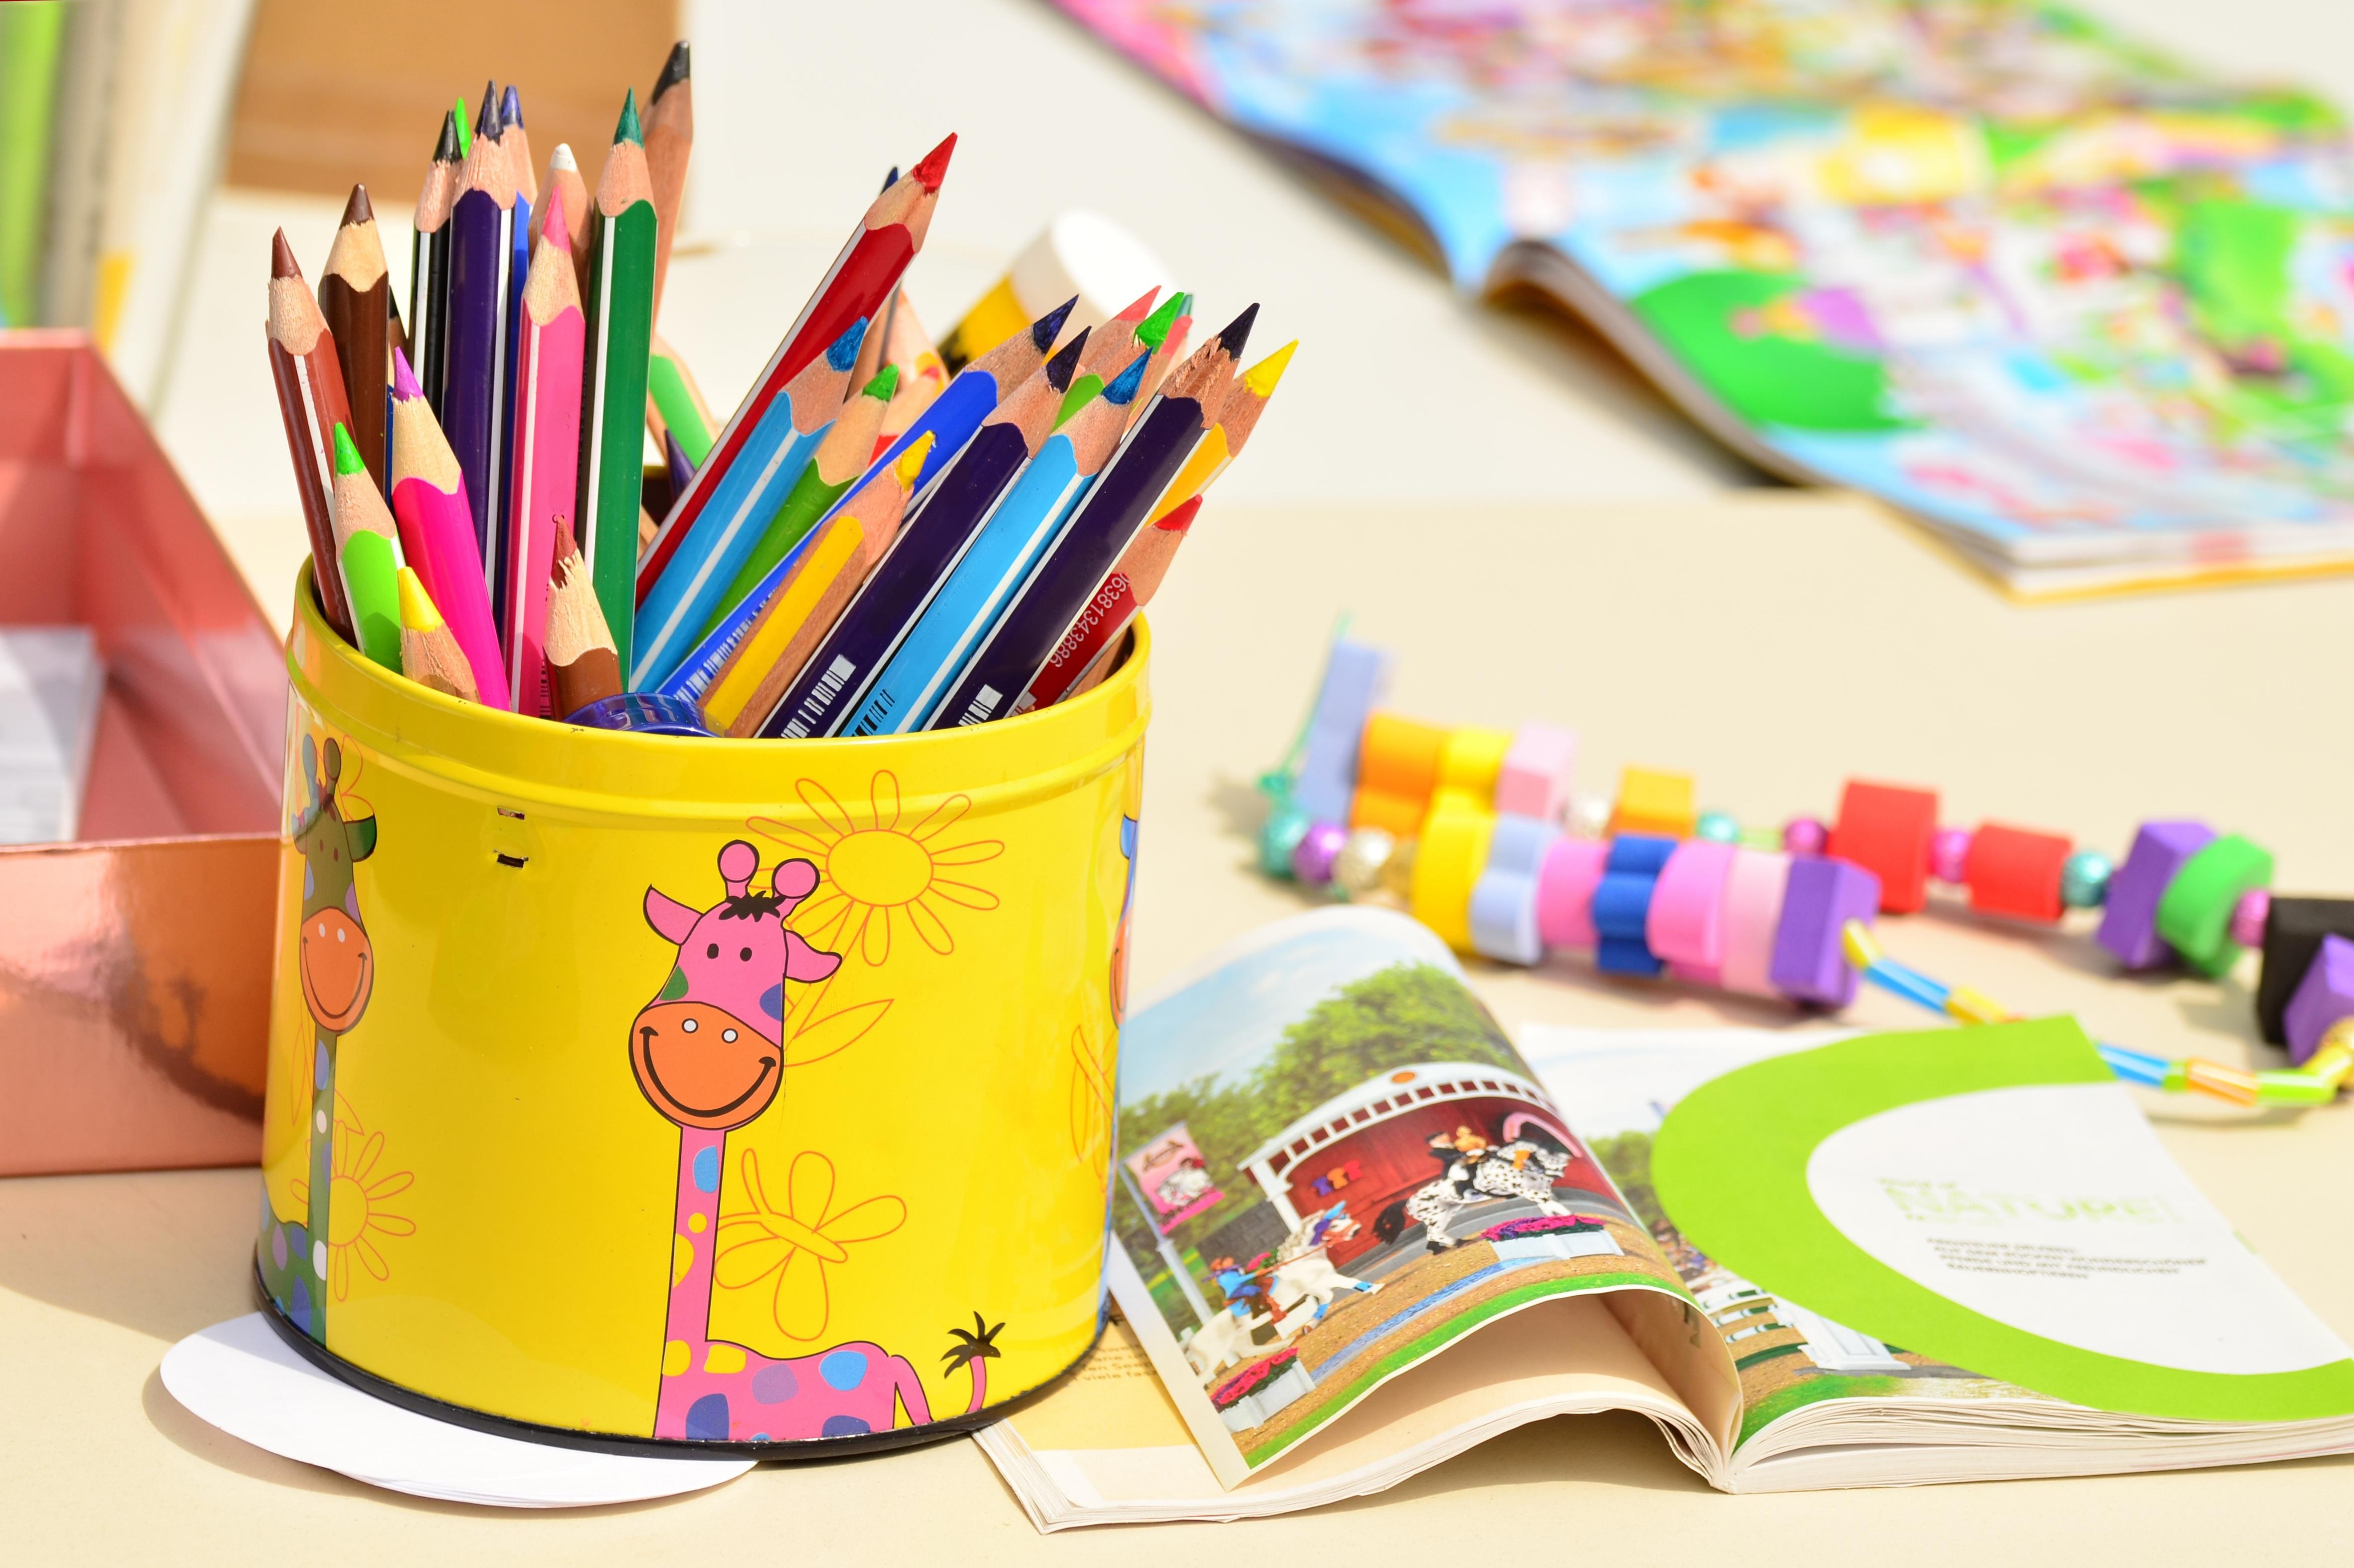 Fotos gratis : jugar, pintar, art, ilustración, plumas, papelería ...